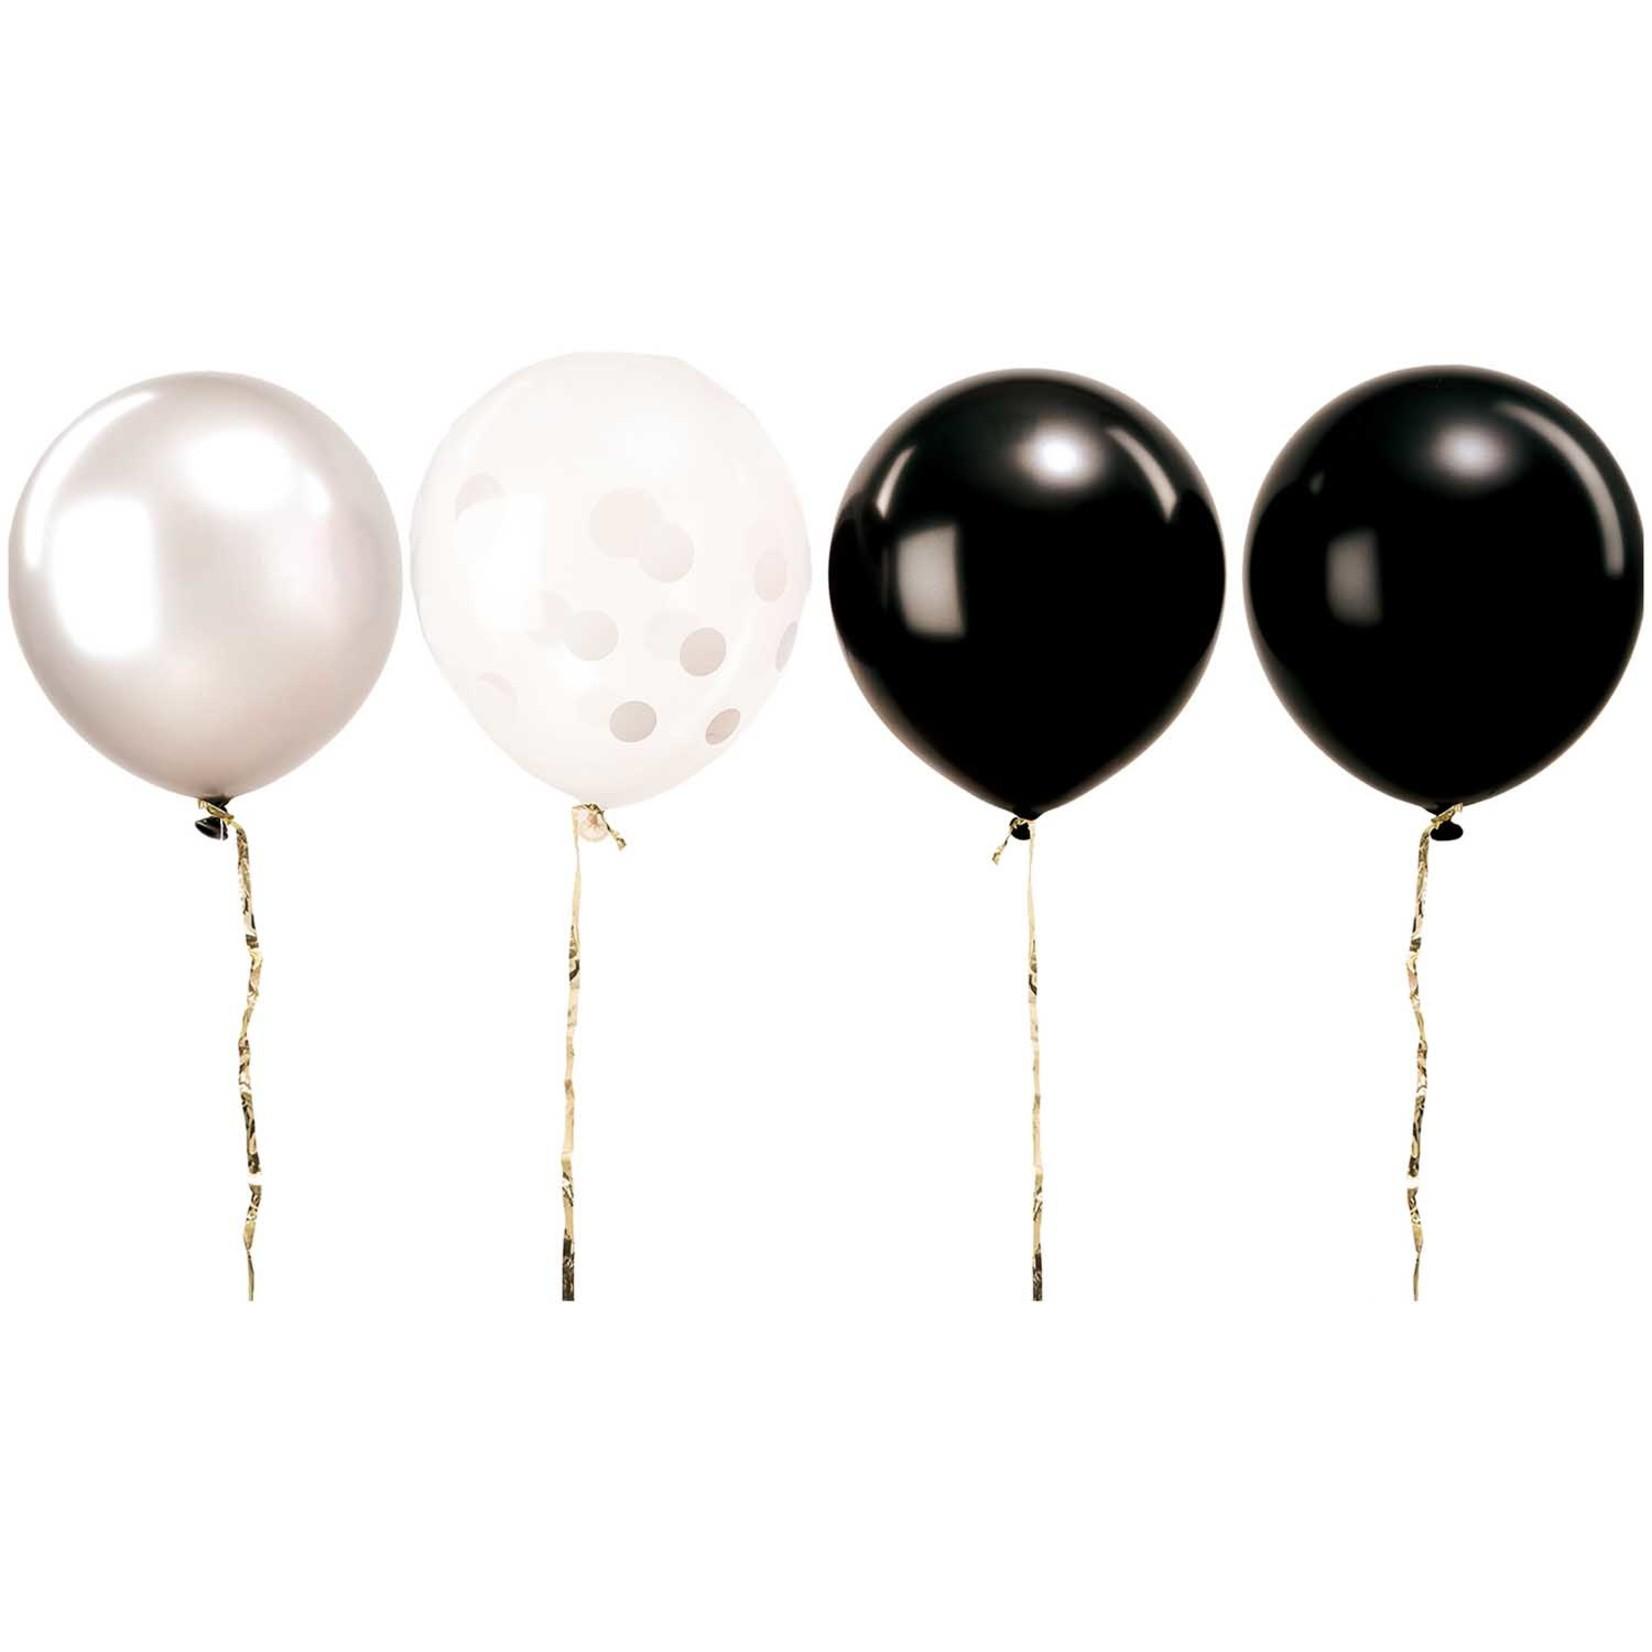 Rico Design Ballons in schwarz und weiß